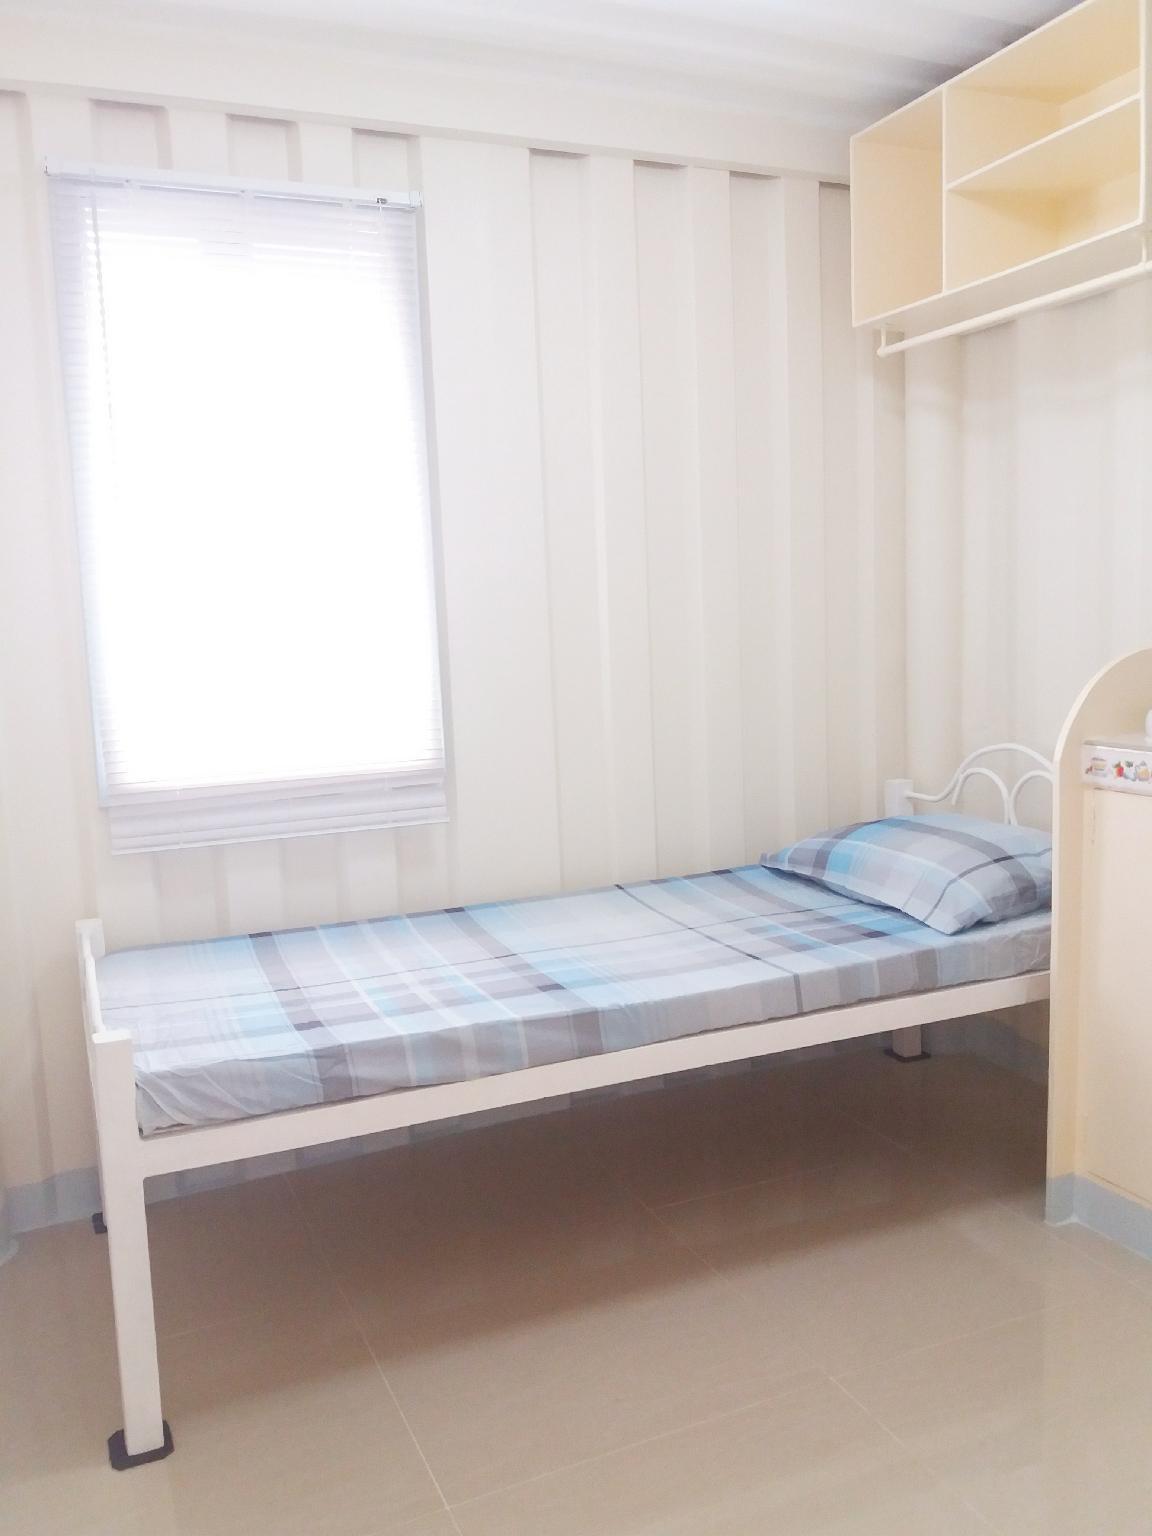 Studio Unit for Rent in Pasig